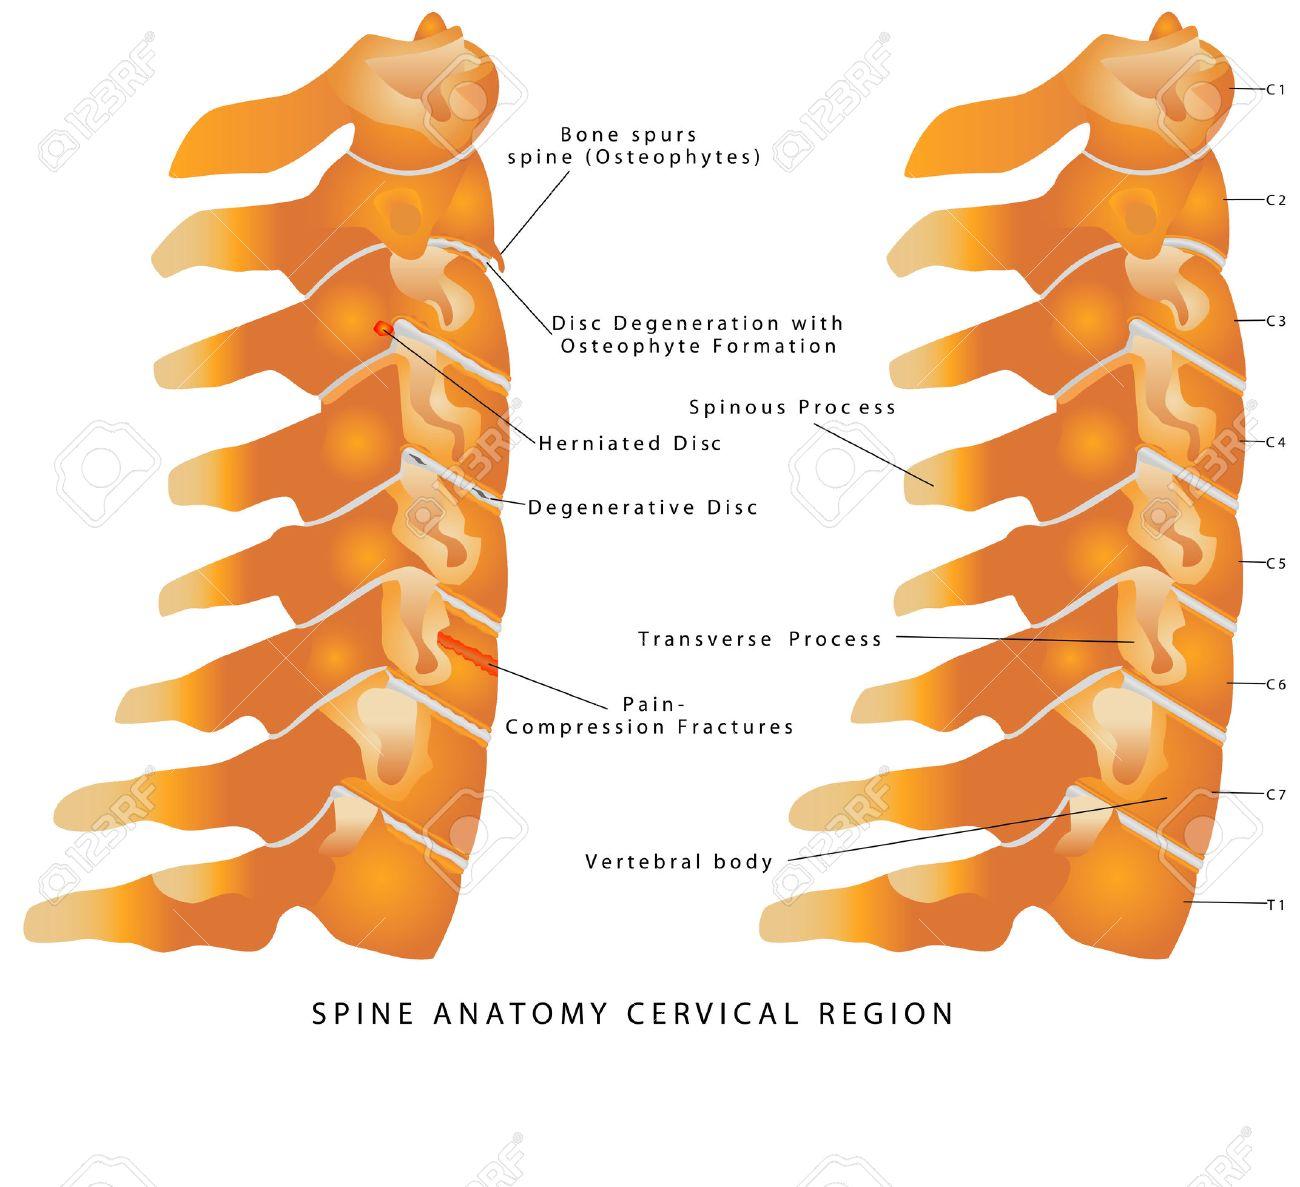 Columna Cervical. Spine Anatomía Región Cervical. Columna Cervical ...